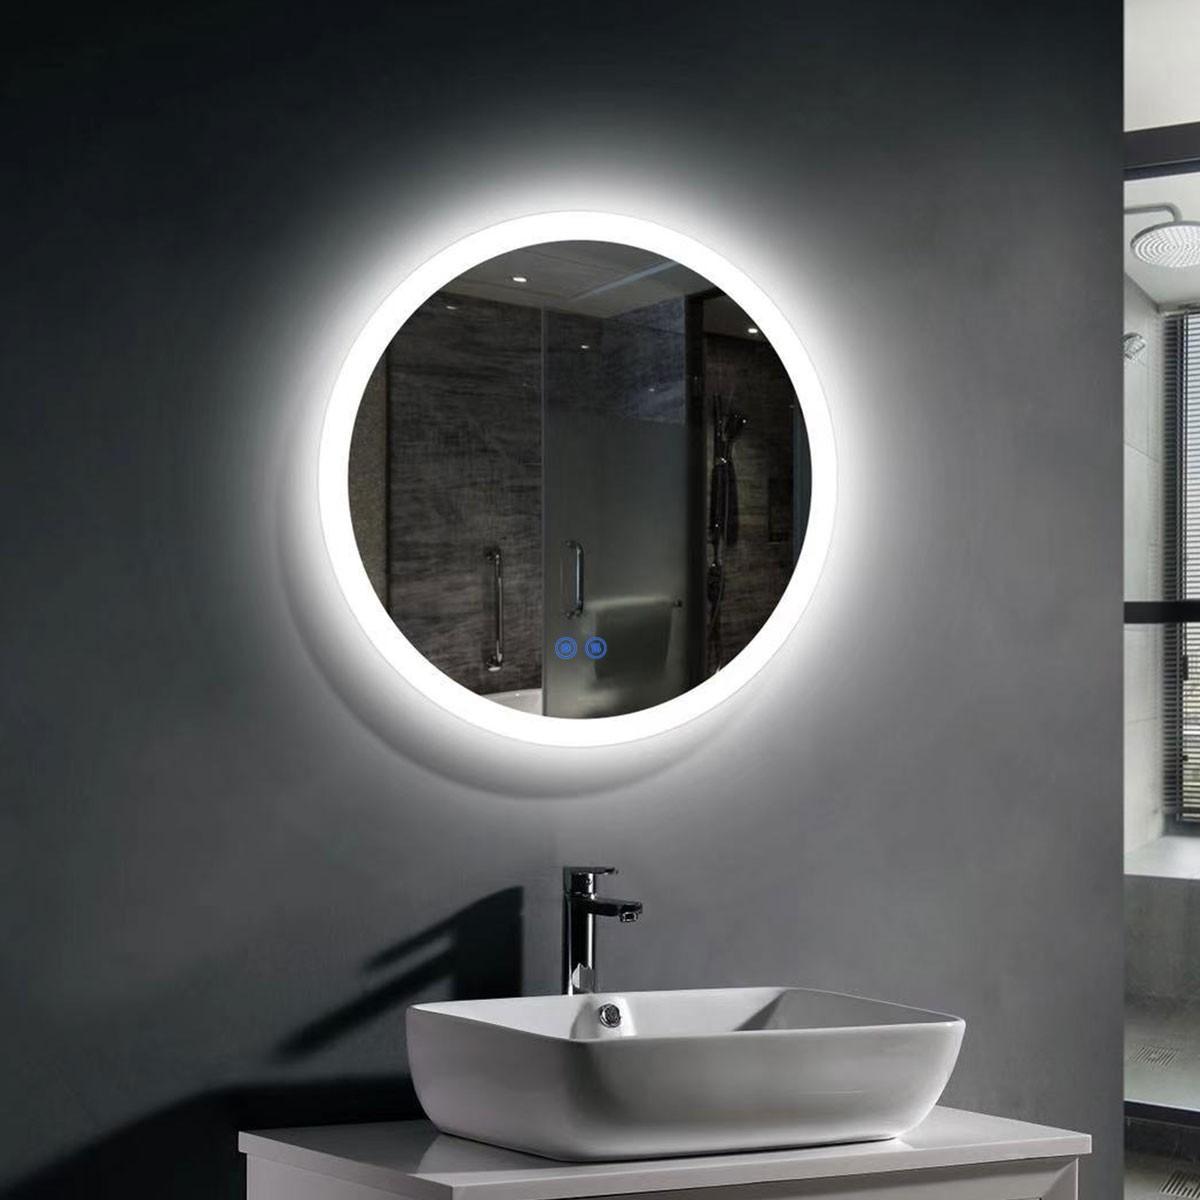 Decoraport 24 x 24 Po Miroir de Salle de Bain LED avec Bouton Tactile, Anti-Buée, Luminosité Réglable, Montage Vertical (CL065-2424-TS)